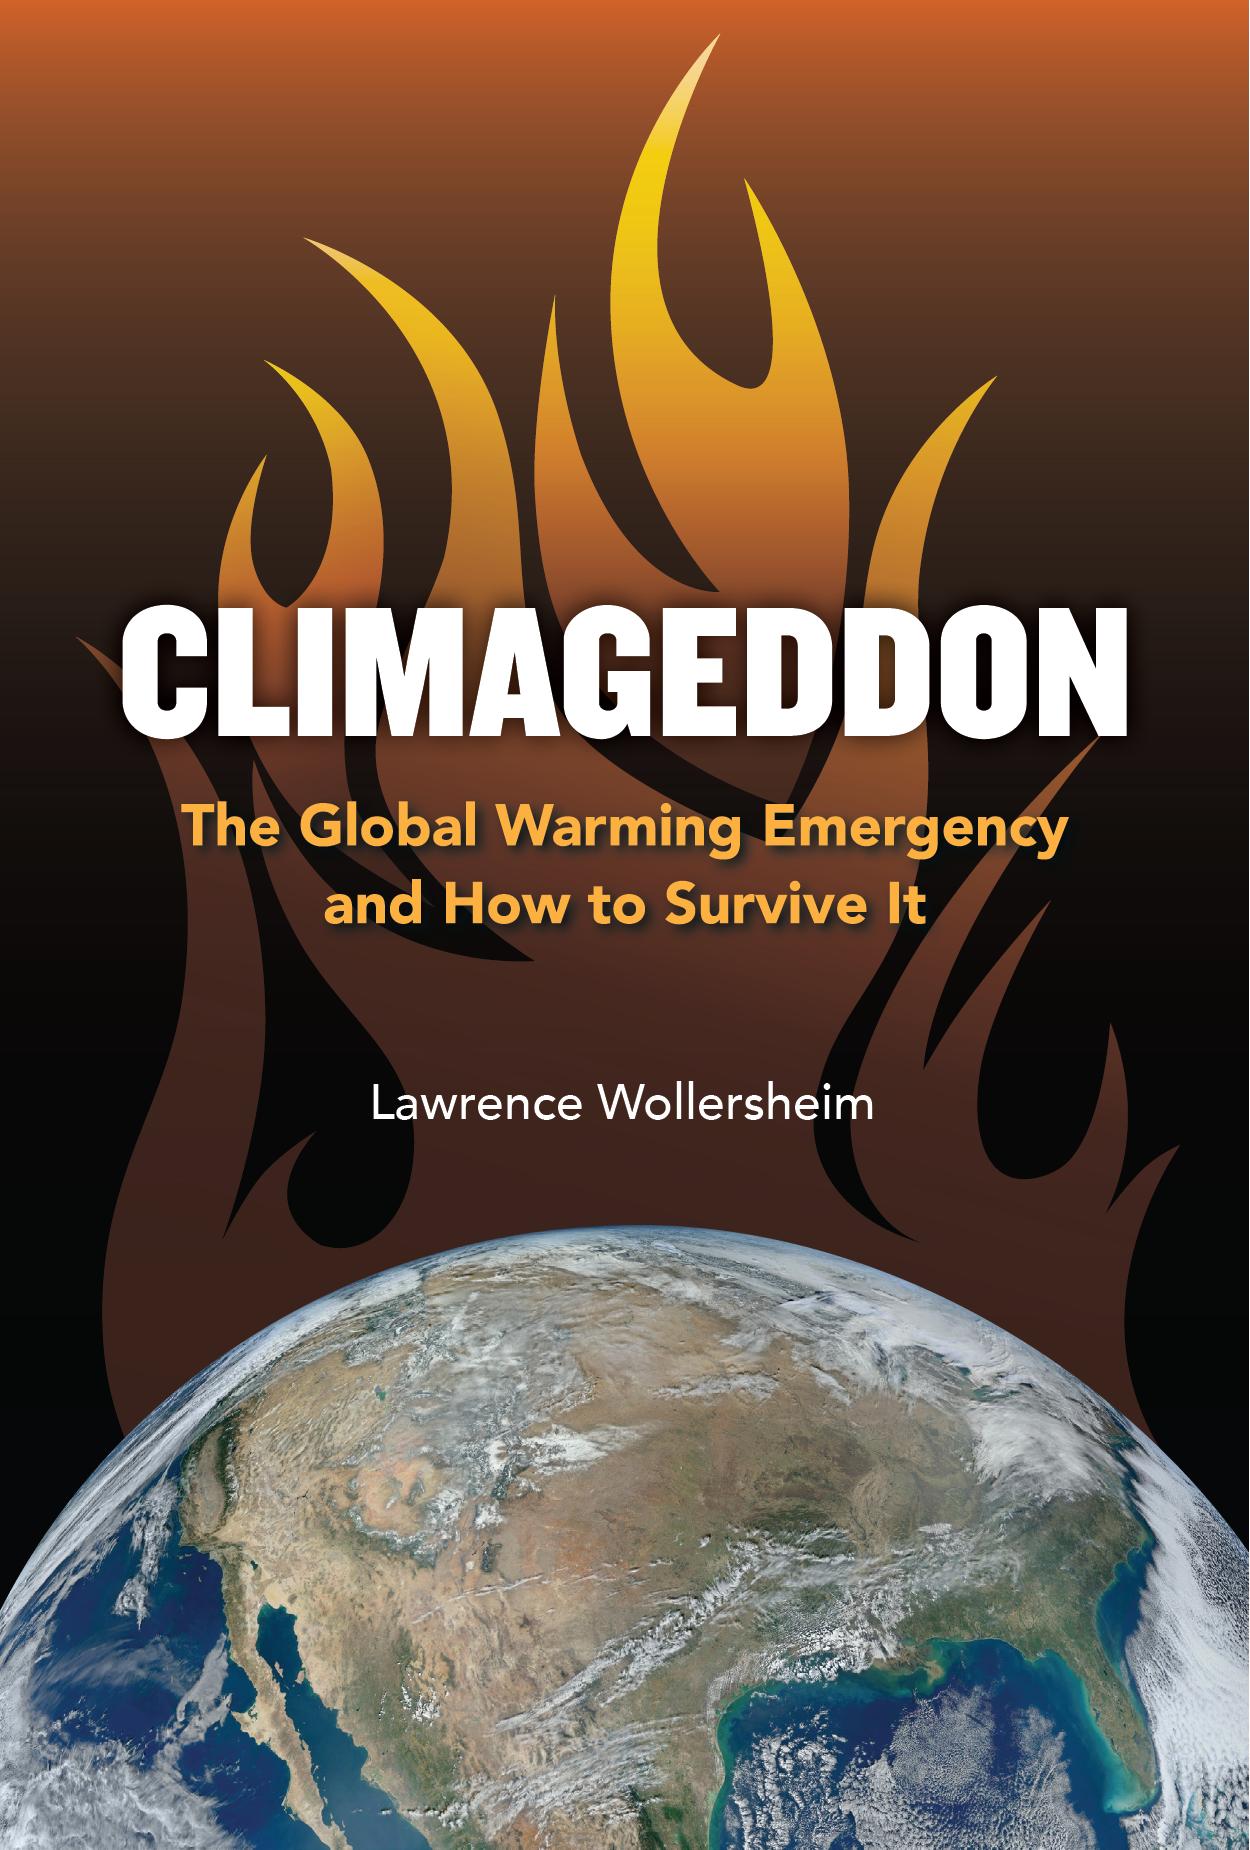 Climageddon_Front-Cover-(200DPI).png